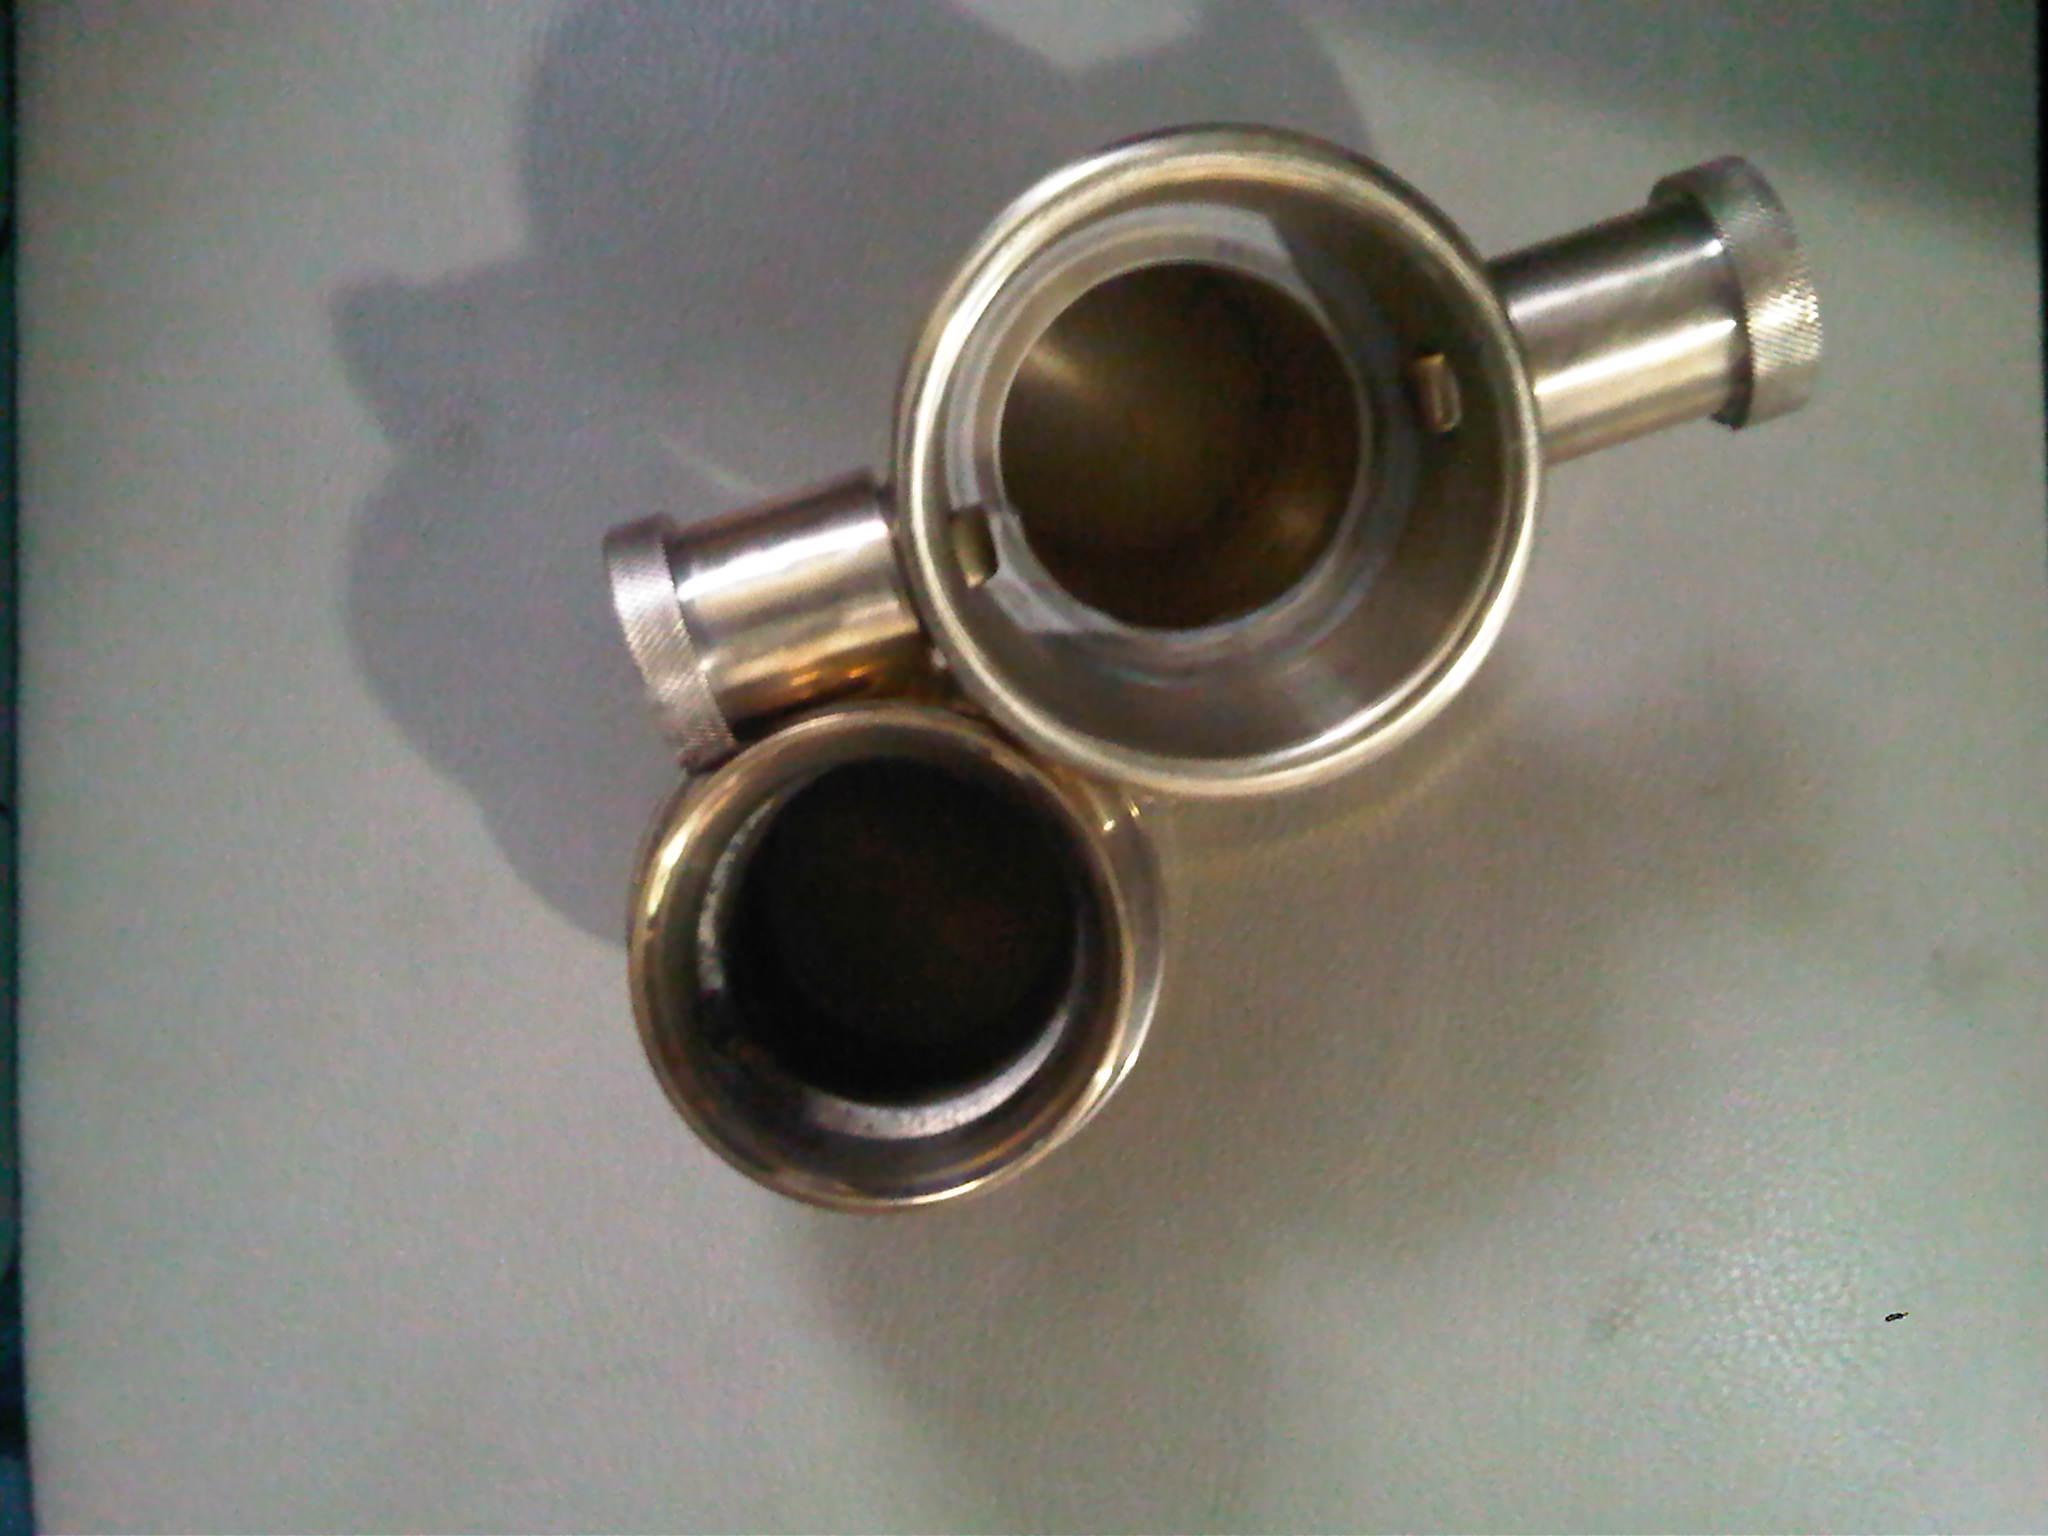 coupling, coupling hydrant, hydrant coupling, instantaneous coupling, perlengkapan hydrant, hose coupling, jenis jenis coupling, jenis coupling, hydrant, adaptor coupling, instantaneous adaptor coupling, hydrant